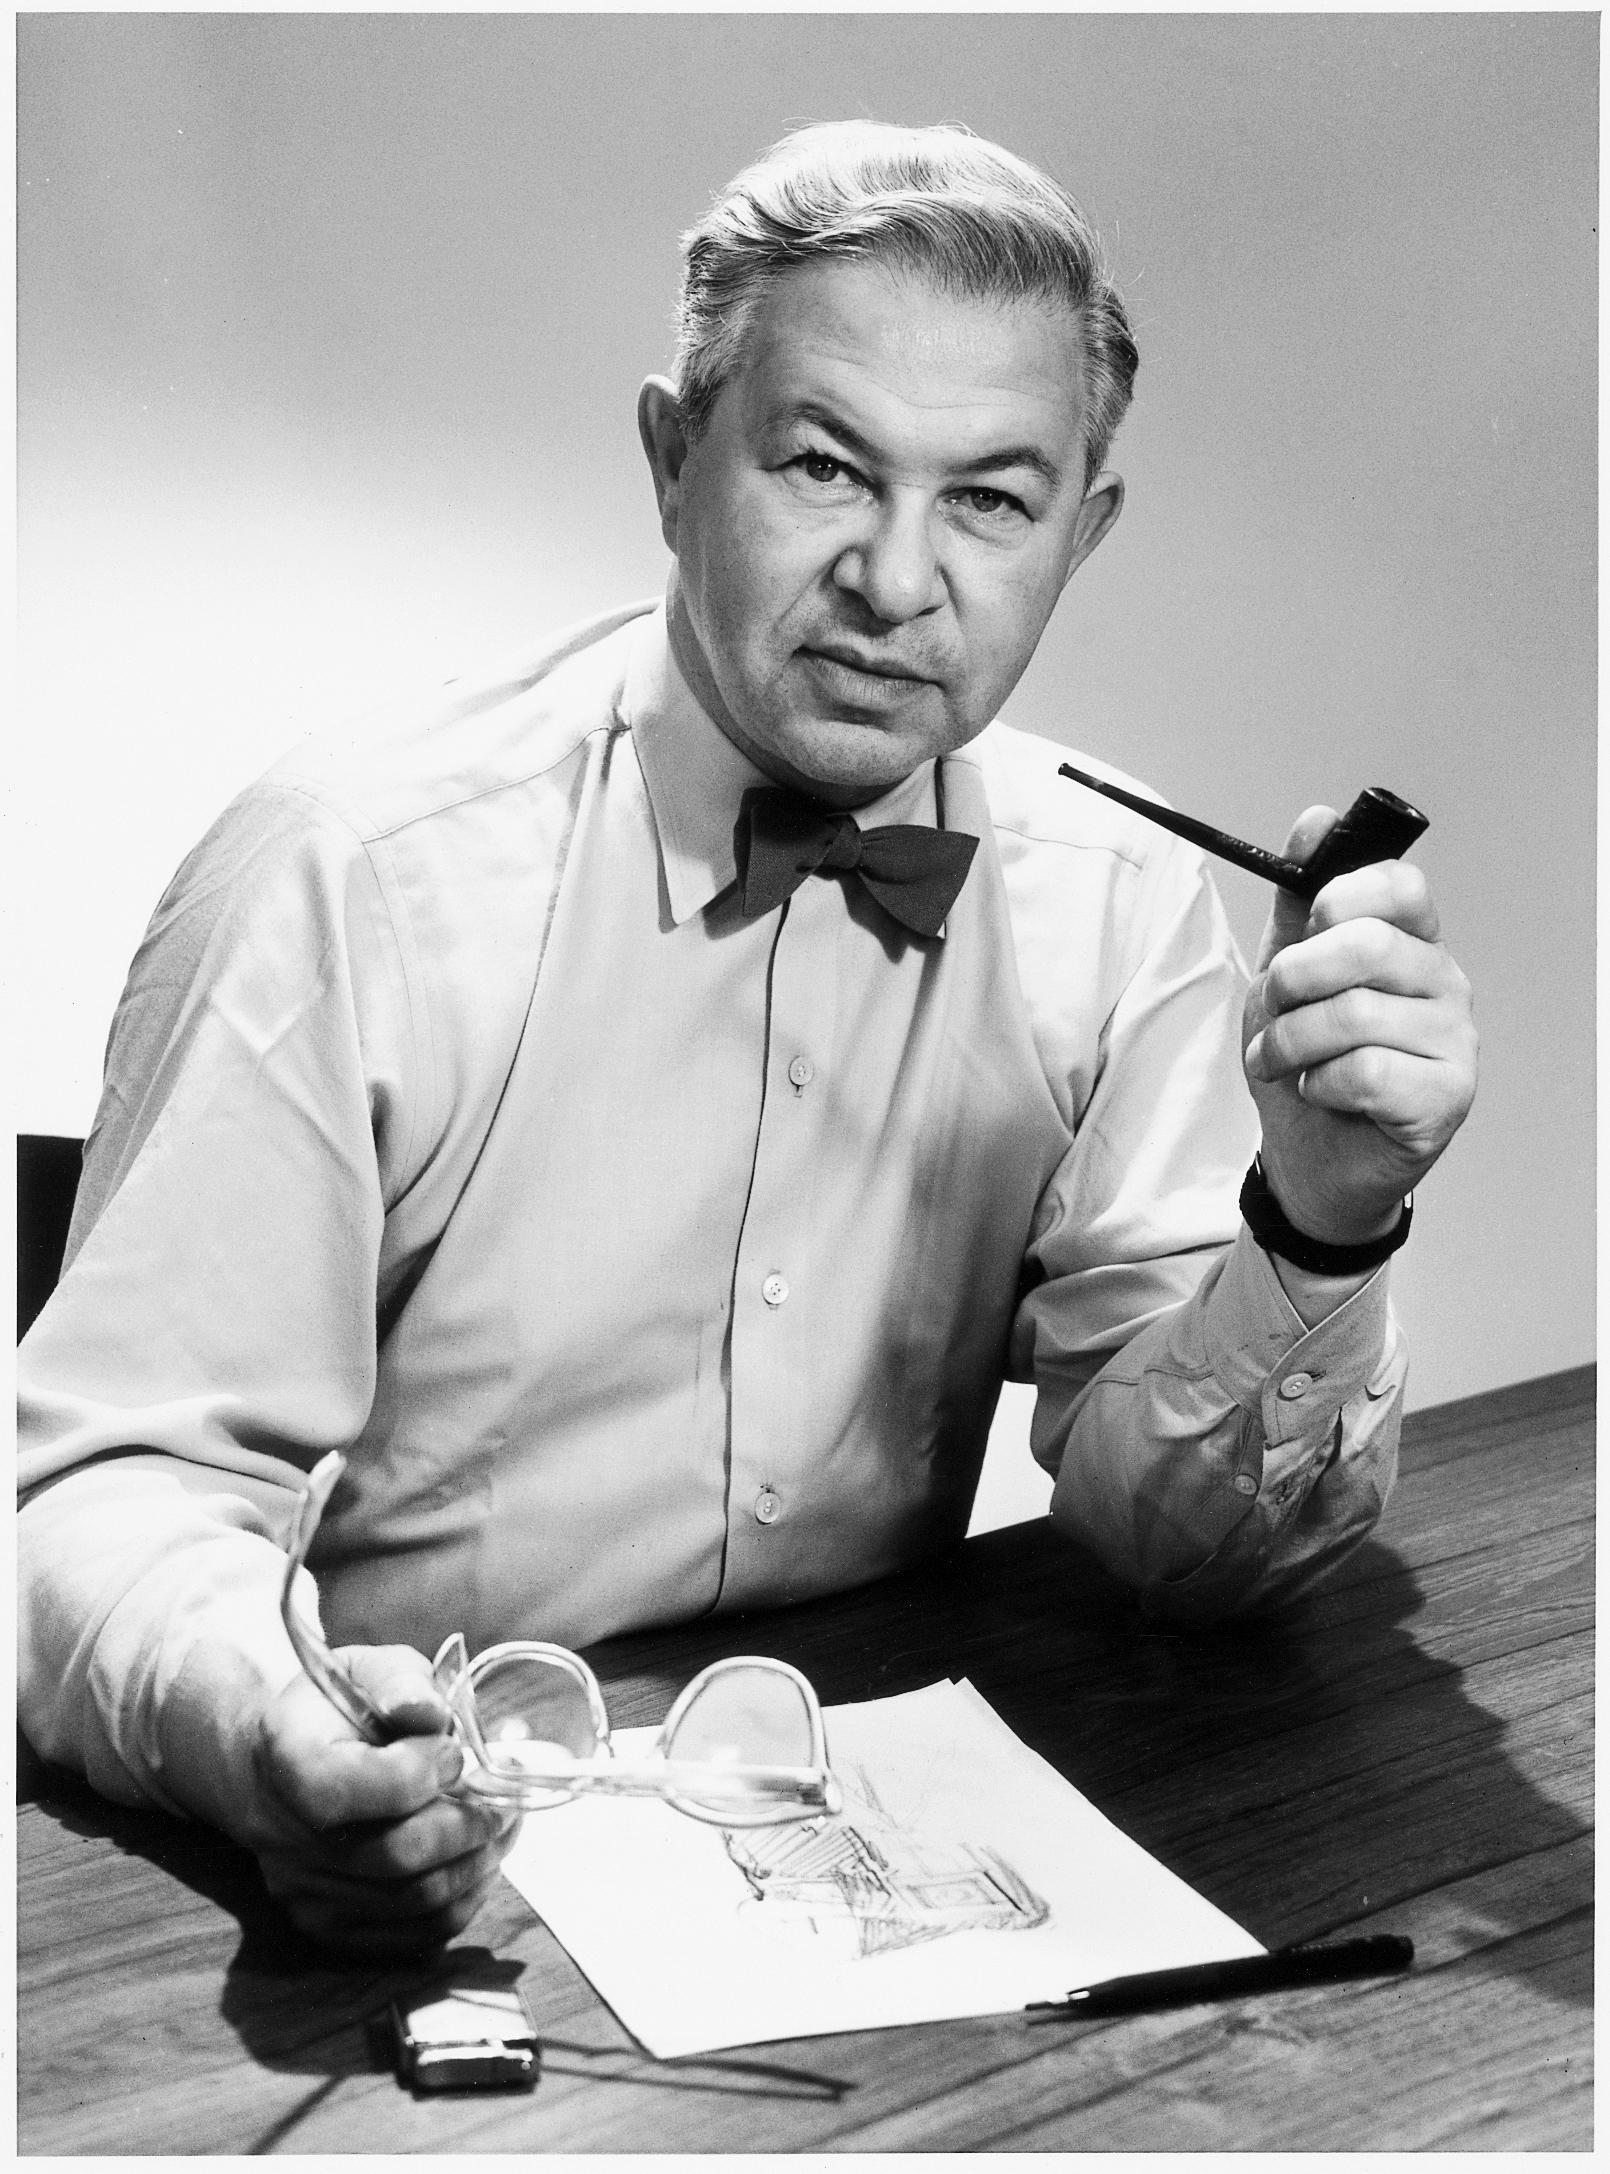 Sammeldeal: Arne Jacobsen, der Meister dänischen Möbeldesigns und Begründer des skandinavischen Funktionalismus